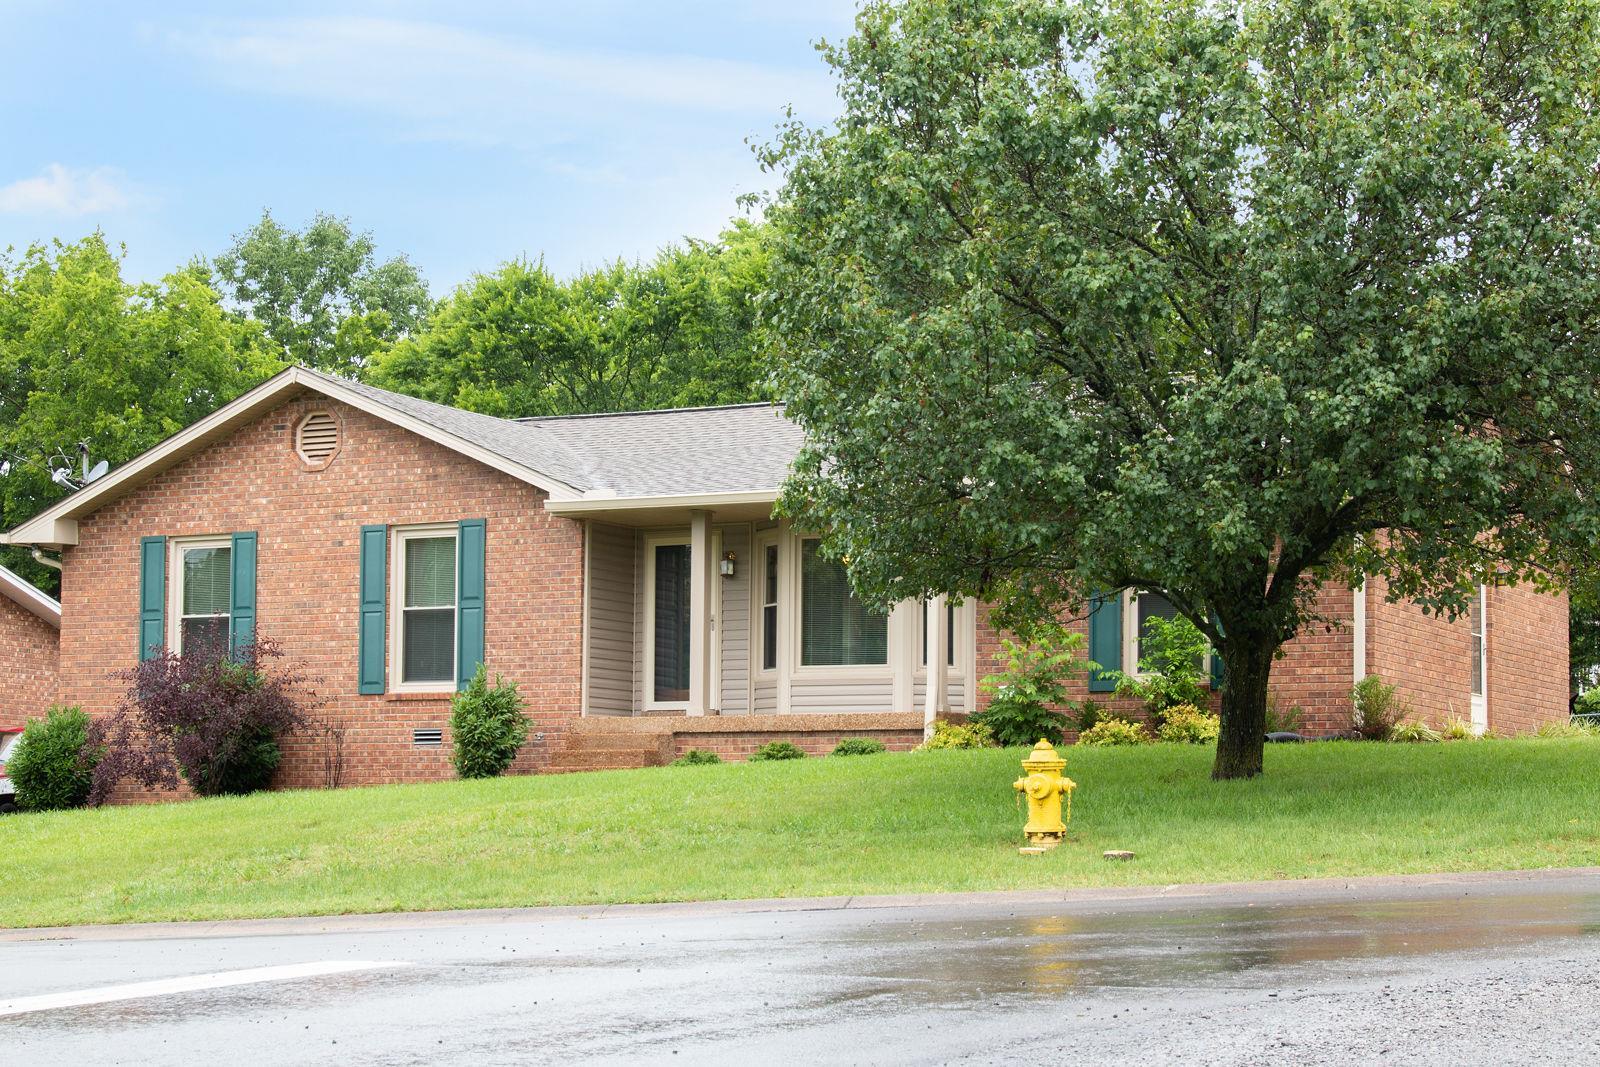 100 Ryan Dr, Hendersonville, TN 37075 - Hendersonville, TN real estate listing